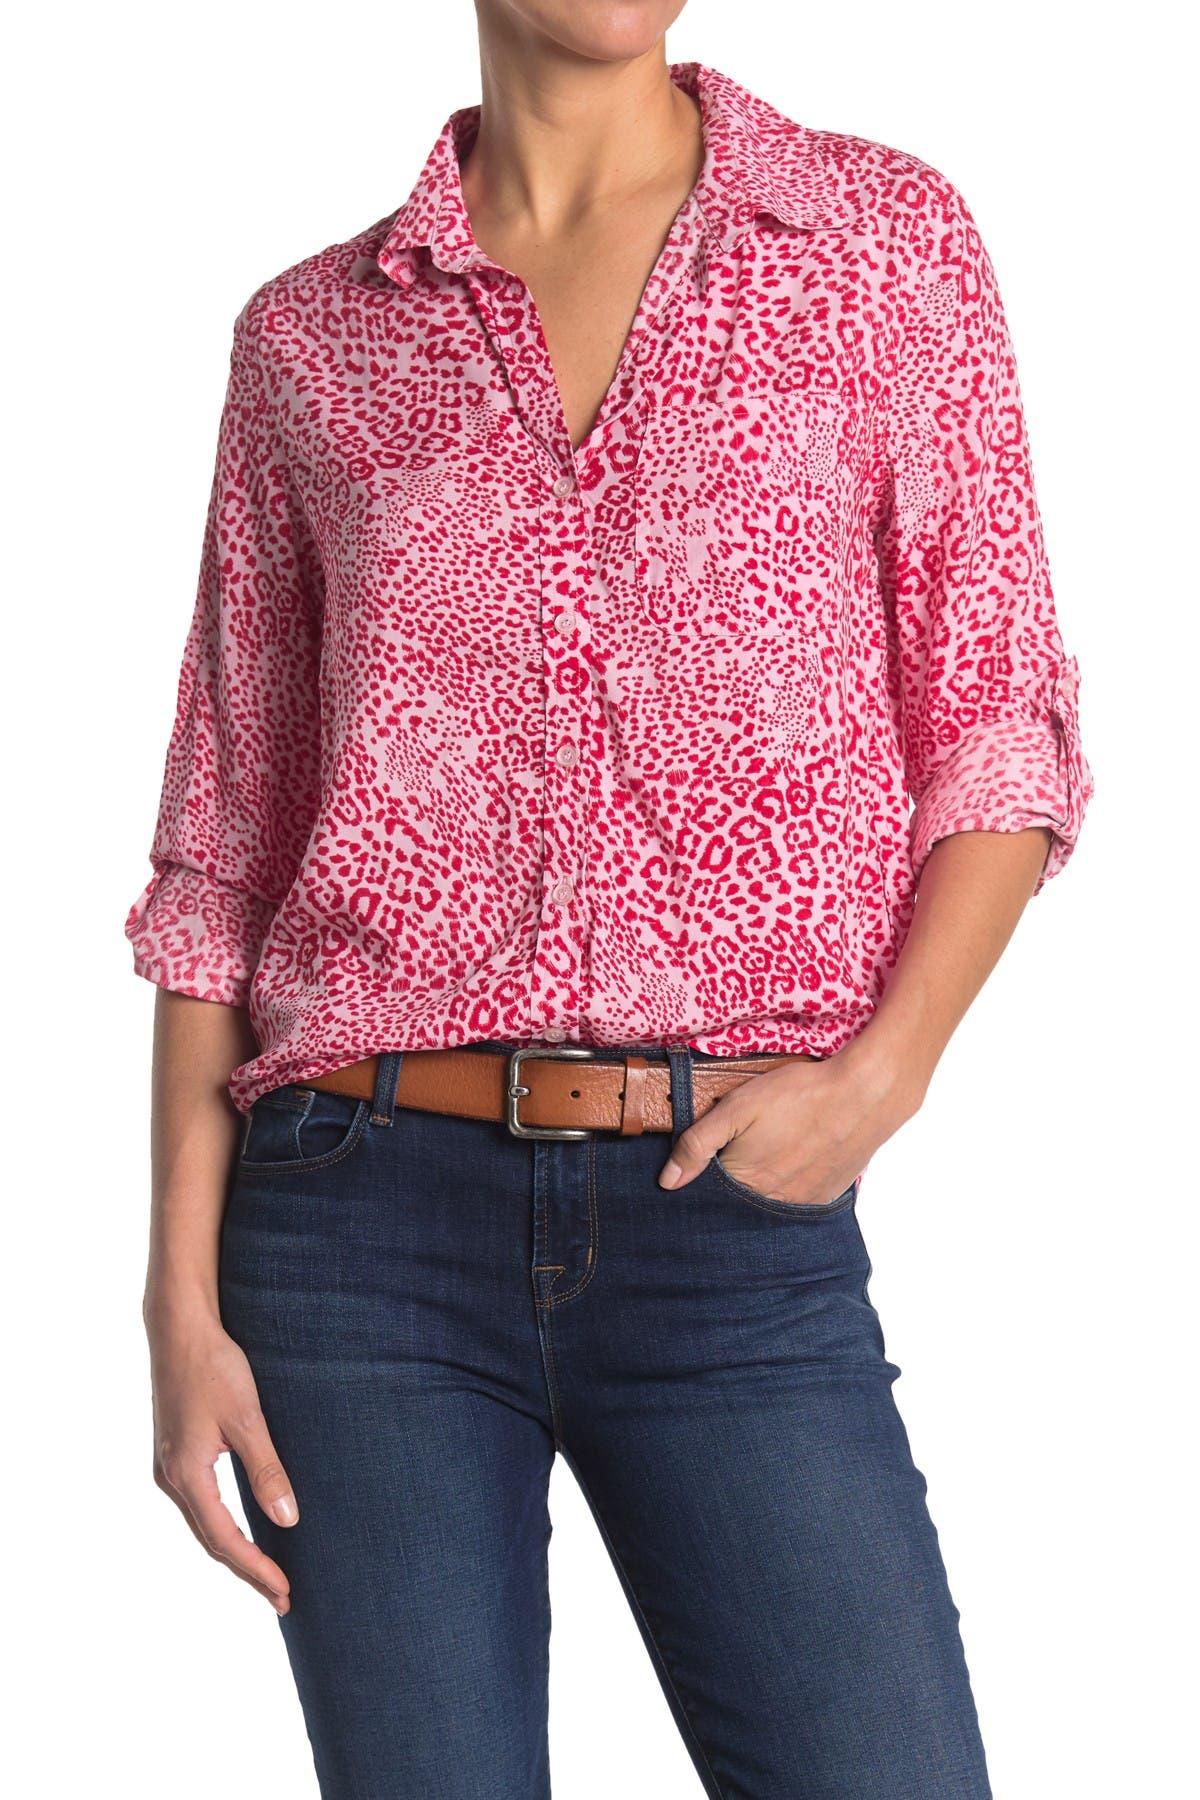 Image of Velvet Heart Elisa Button Front Animal Print Blouse